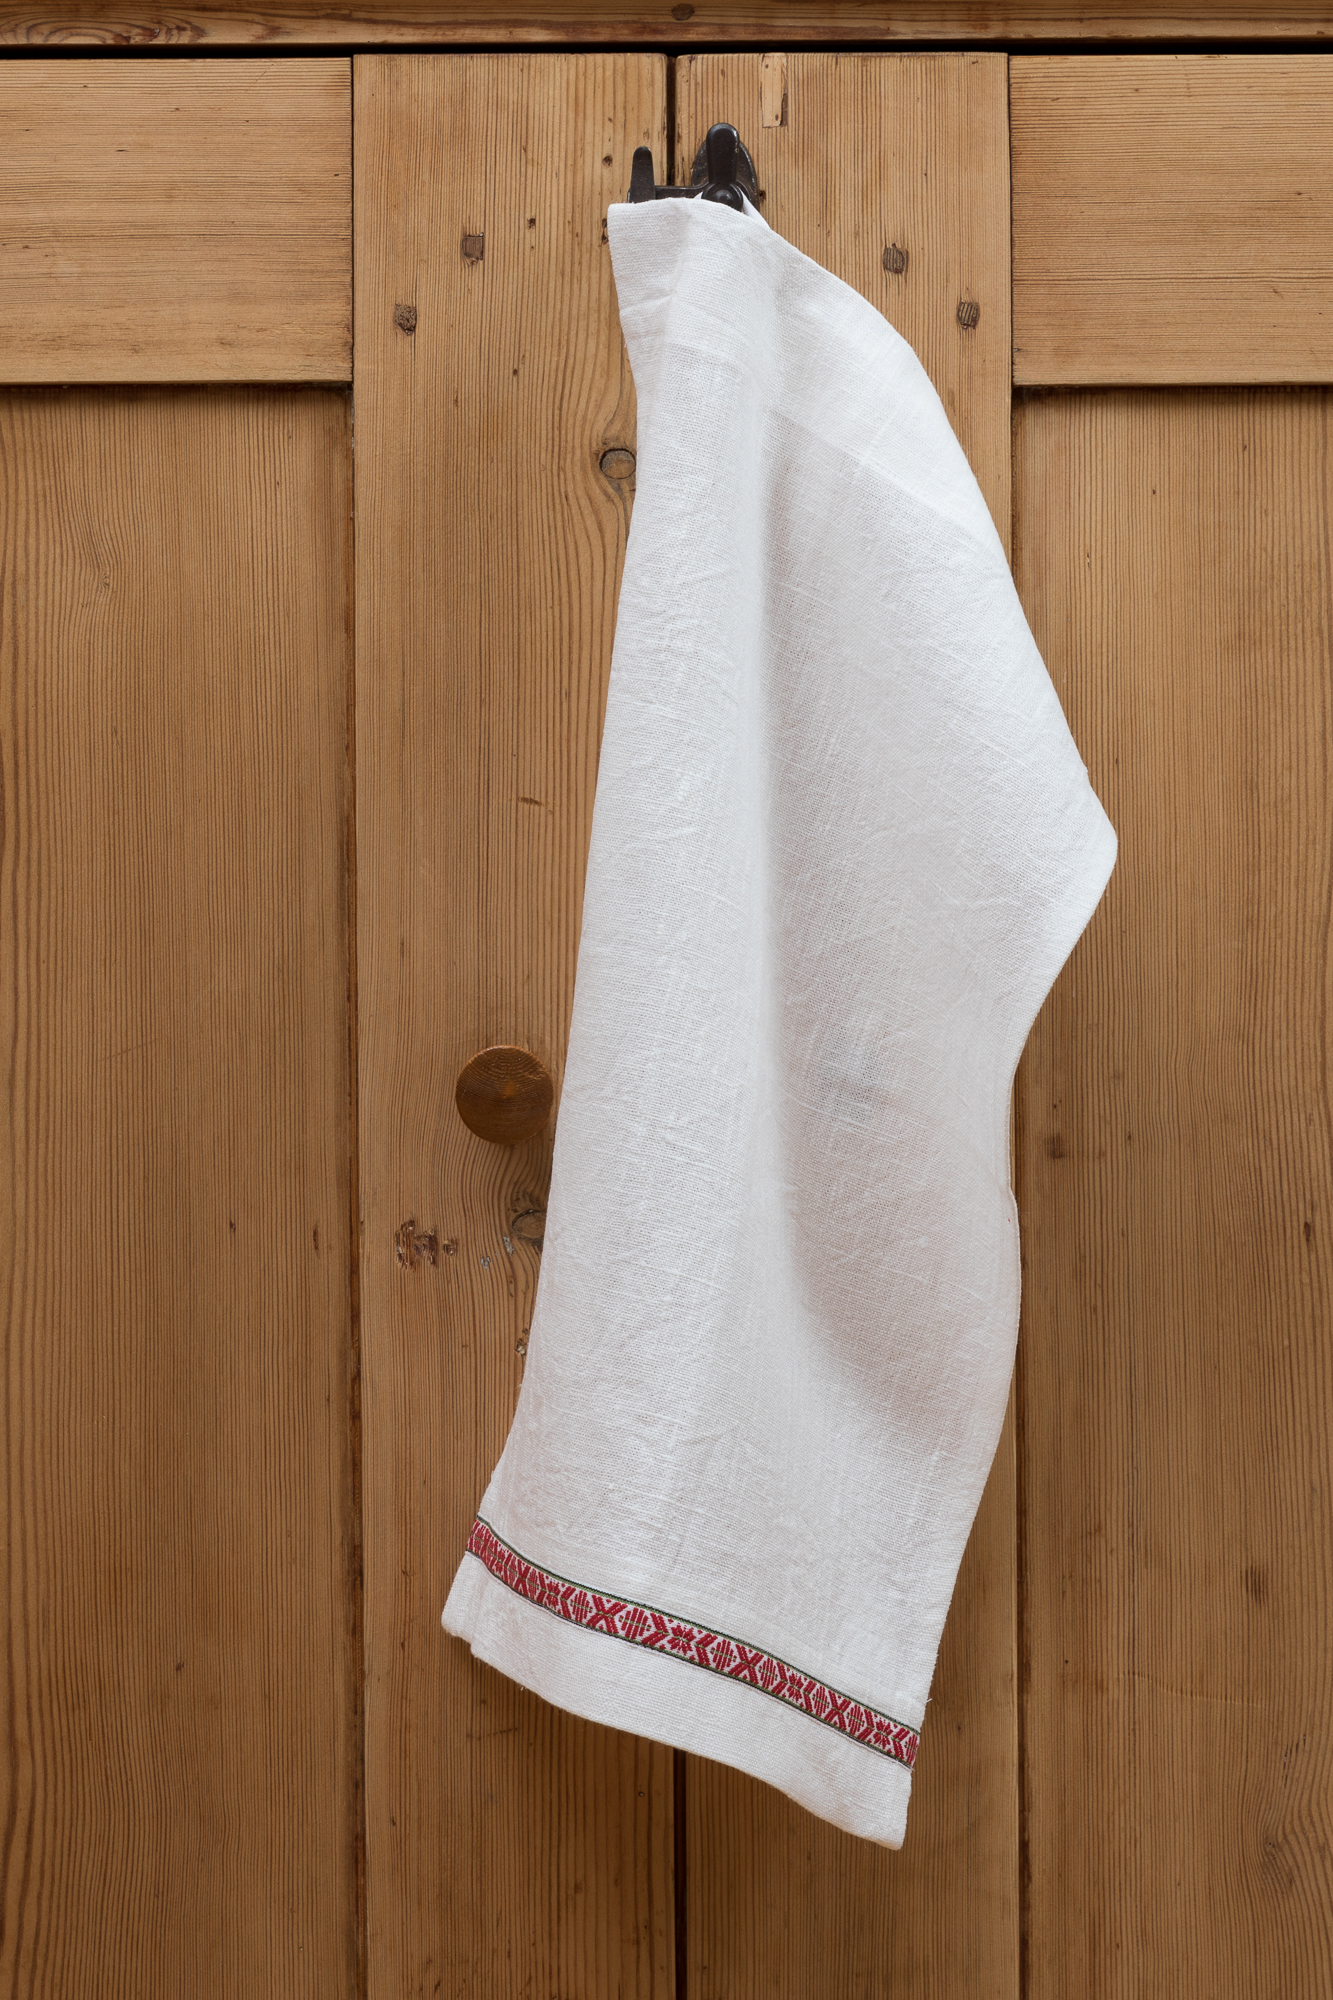 Kökshandduk i cert linne. Sys i Sverige. 45x60 cm.